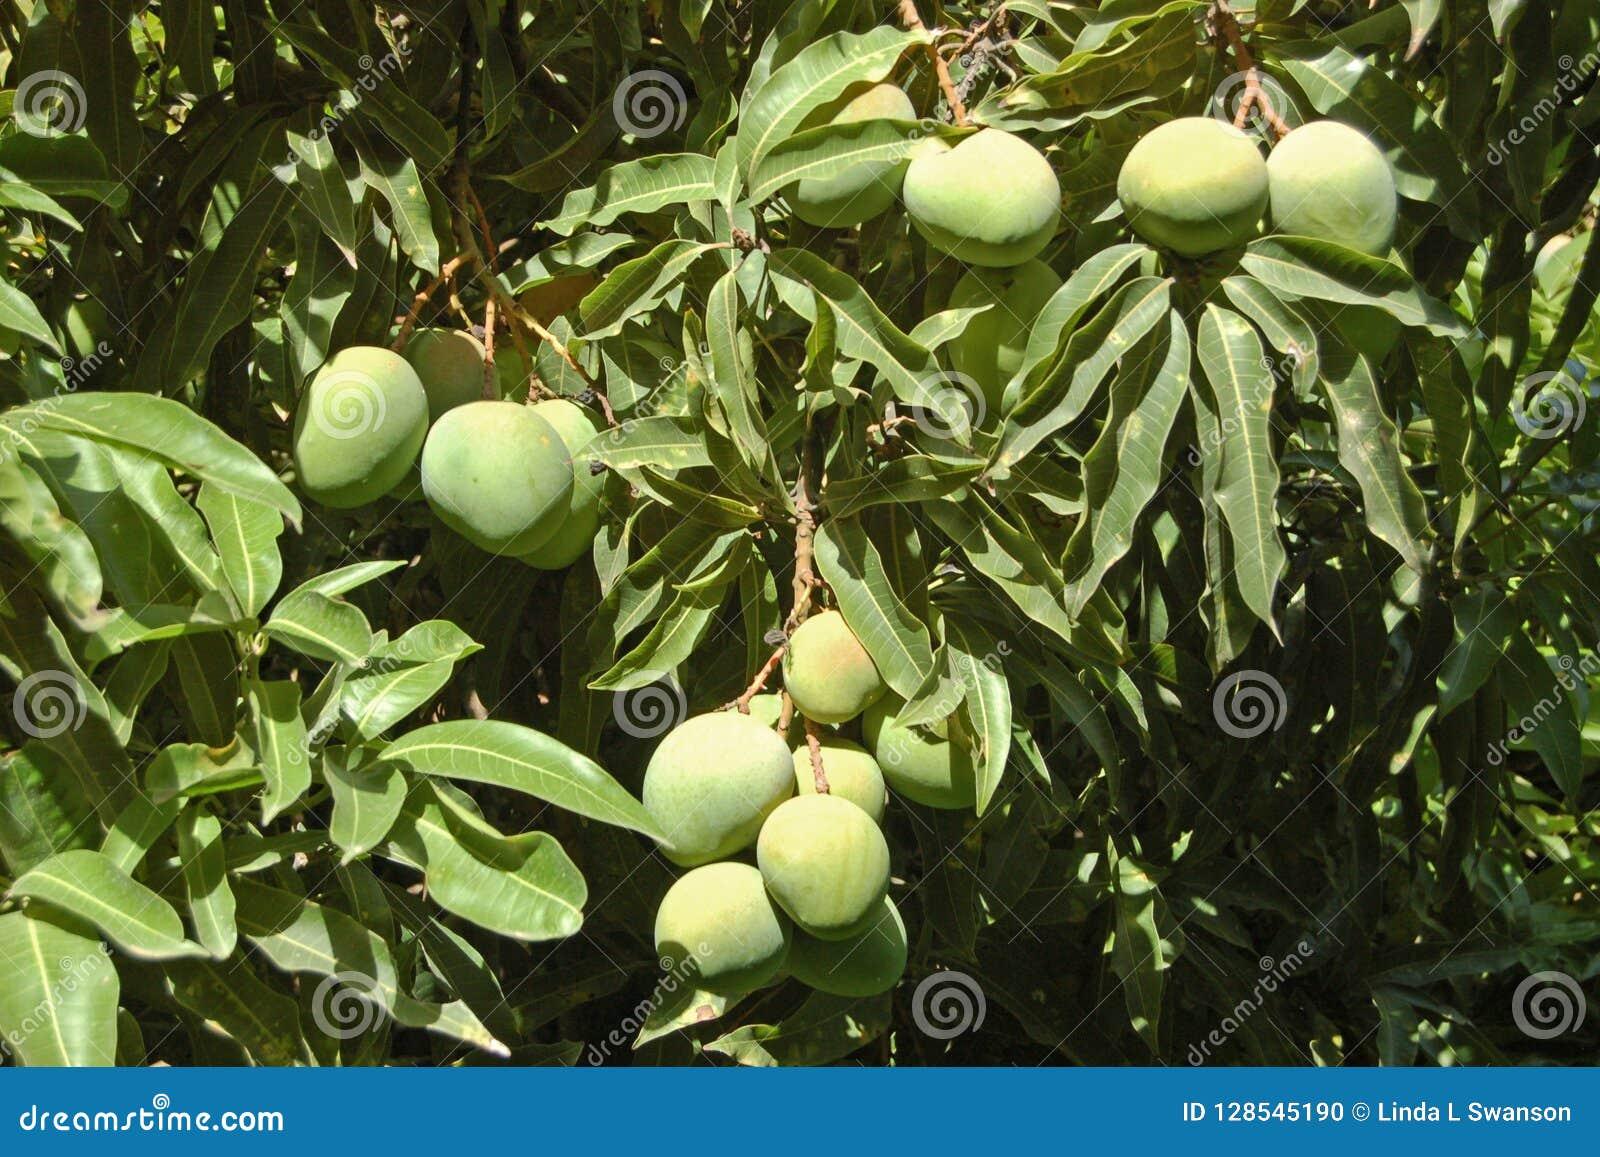 Mango Tree Etiopia stock photo  Image of hang, green - 128545190